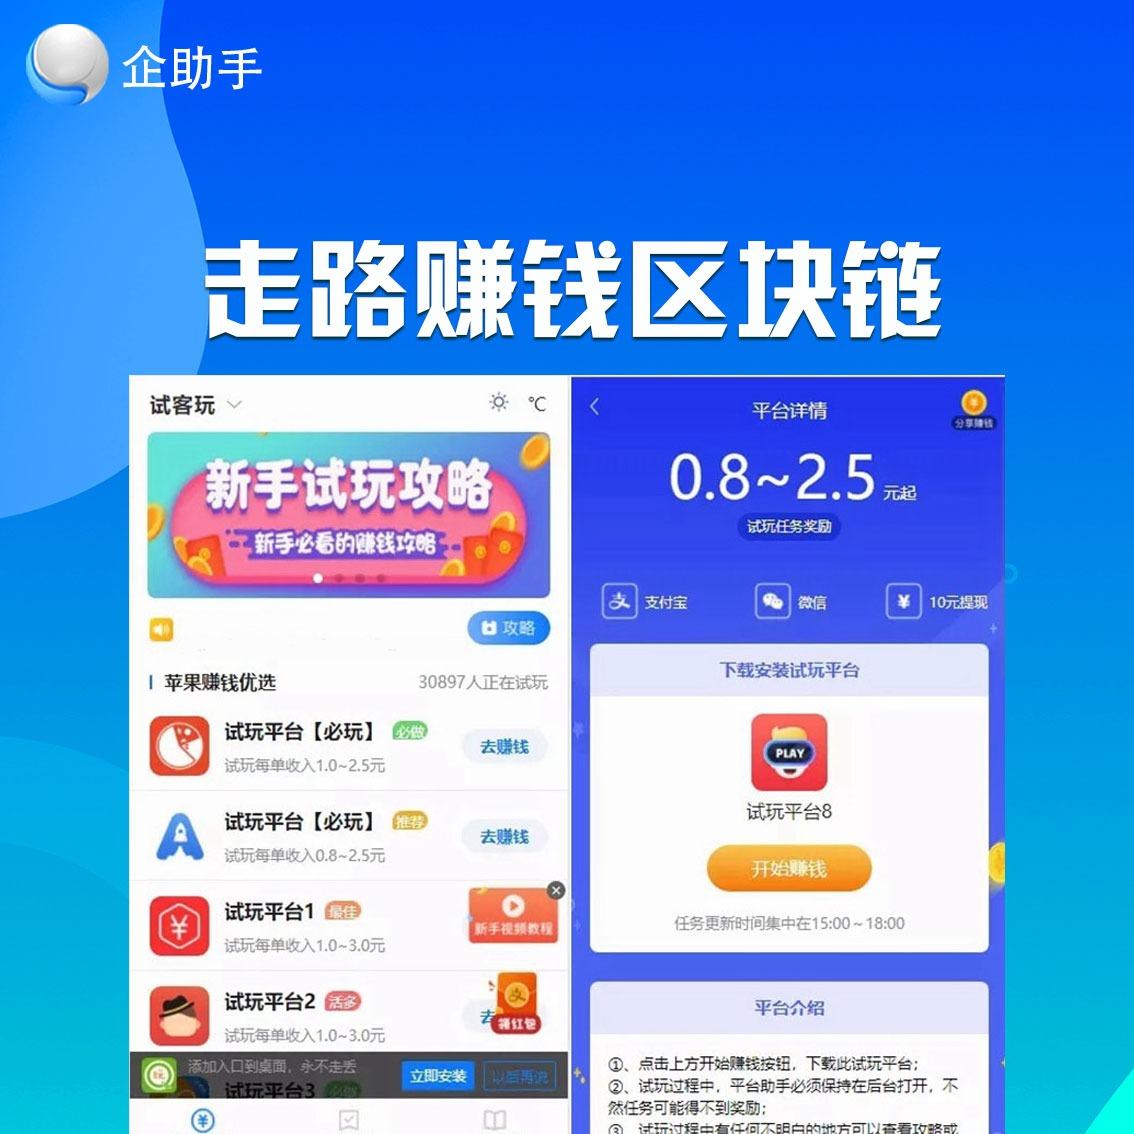 手赚网试玩平台文章资讯阅读收益功能系统app开发定制